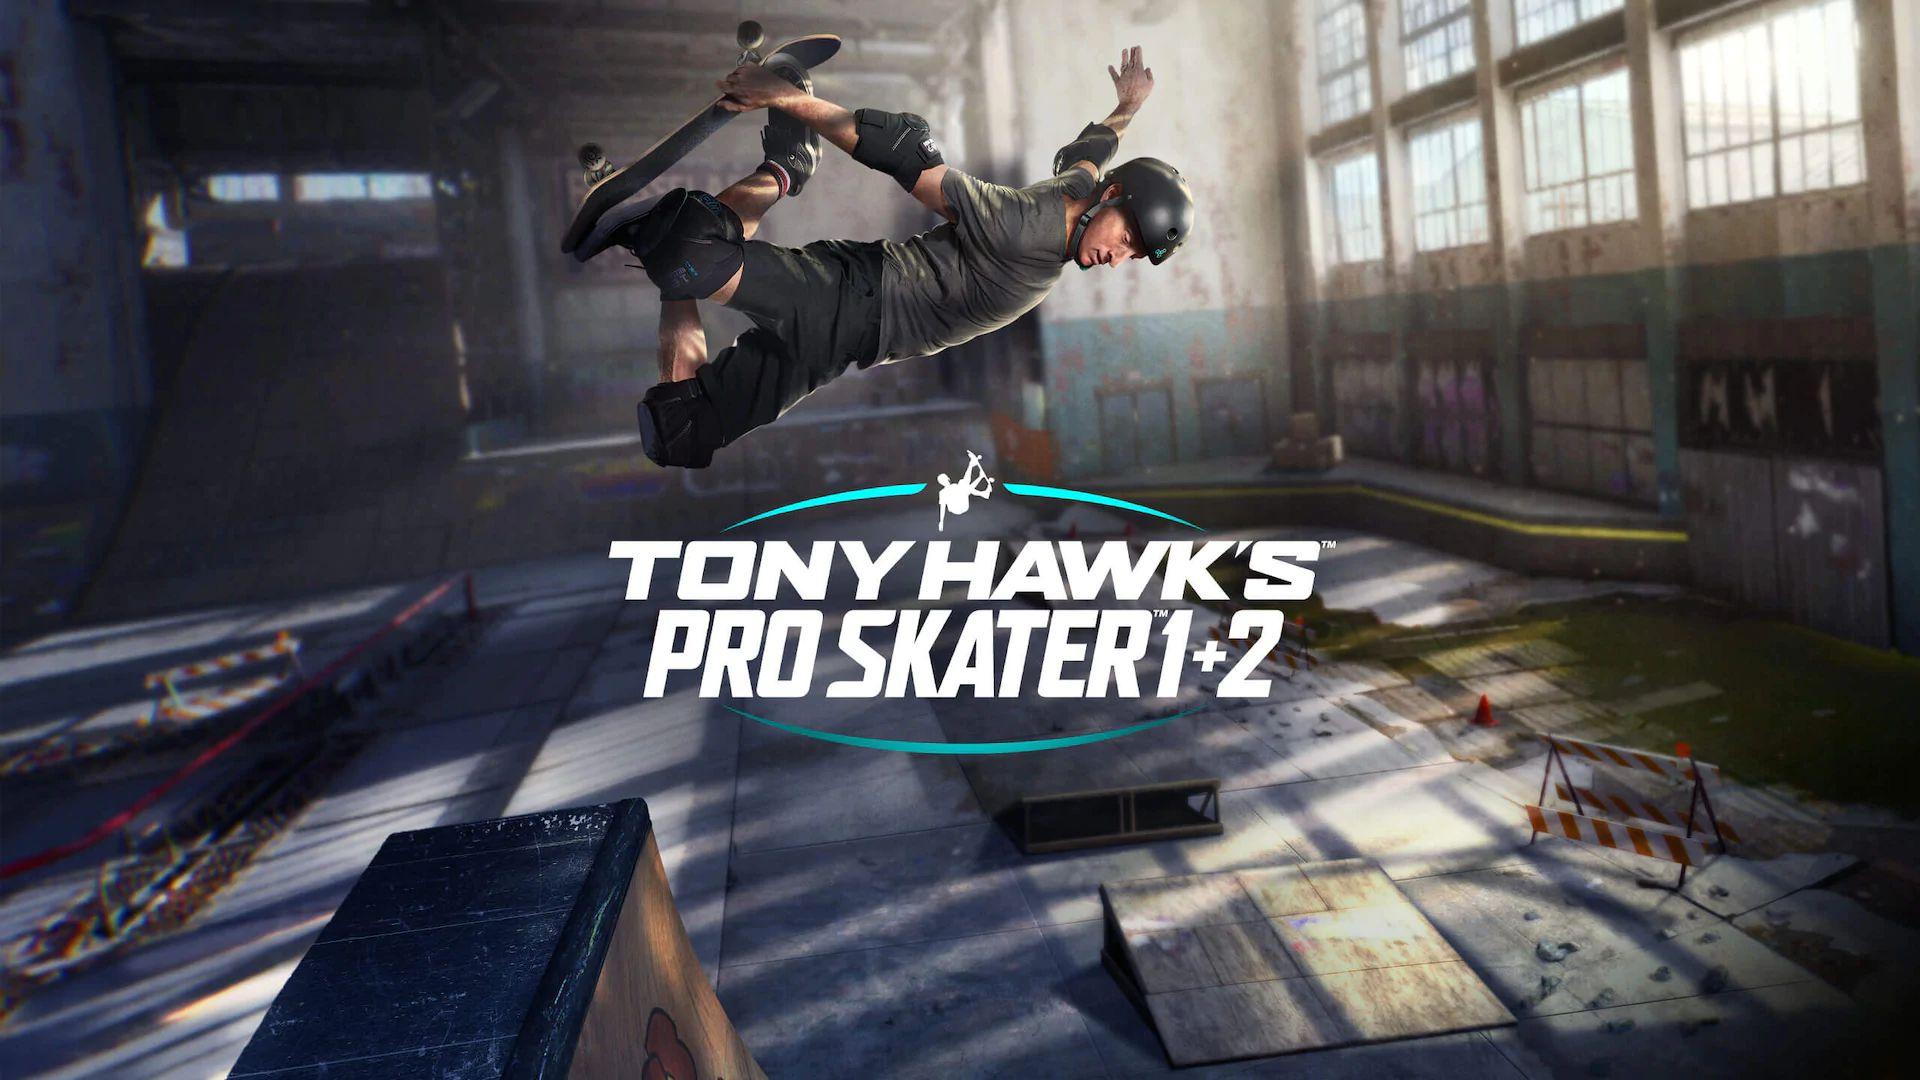 Tony Hawk's Pro Skater 1+2 Remasterizado estará disponible el 4 de  Septiembre | Noticias | GameProTV